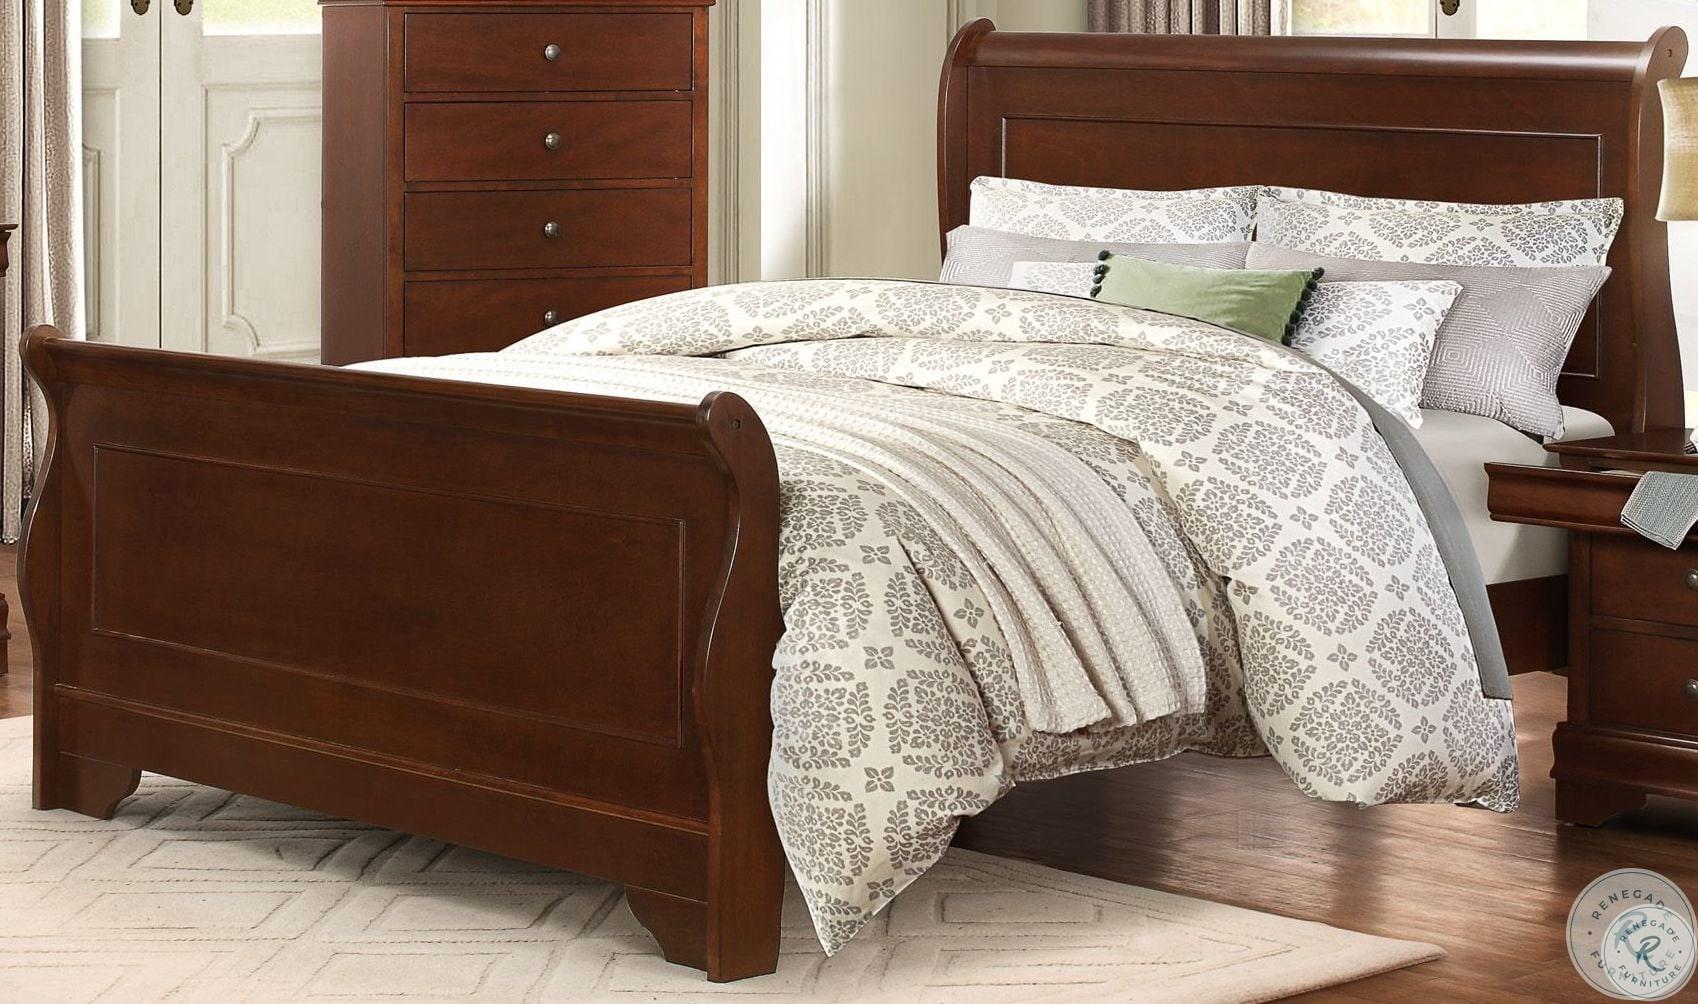 d7ab2776b Woodrow Black Full Upholstered Panel Bed from Homelegance | Coleman ...